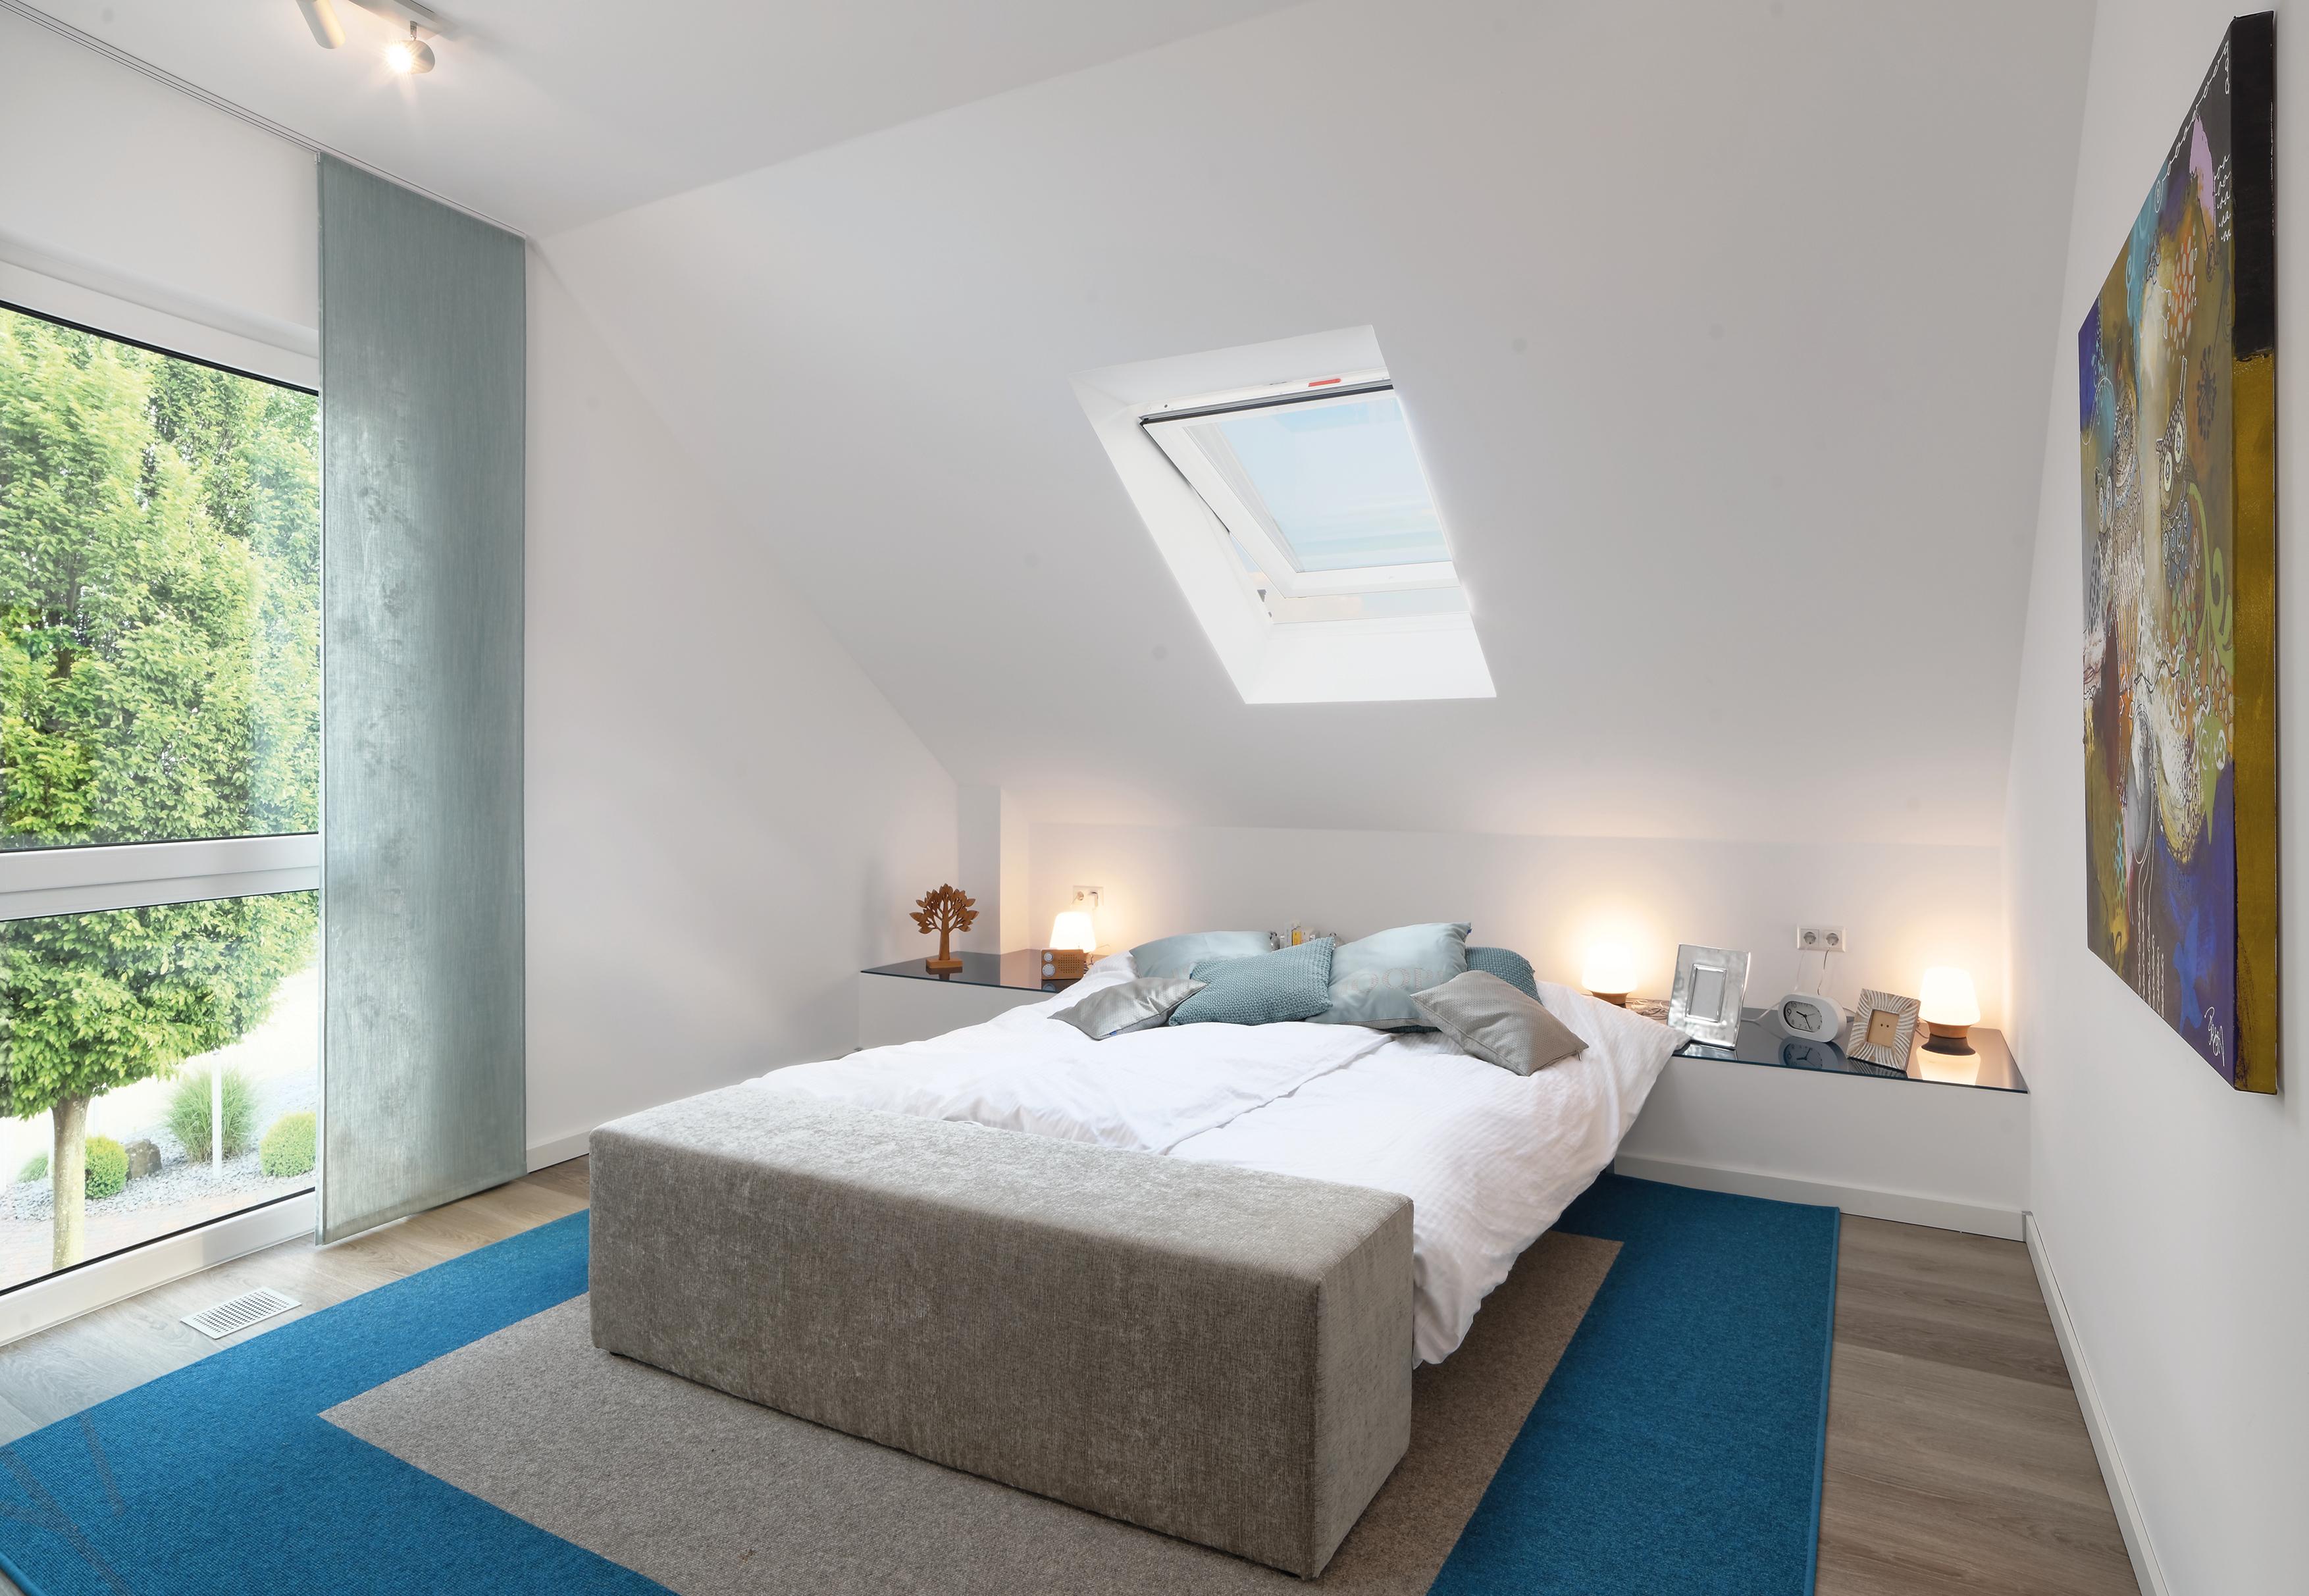 allkauf haus gmbh m lheim k rlich 56218 yellowmap. Black Bedroom Furniture Sets. Home Design Ideas